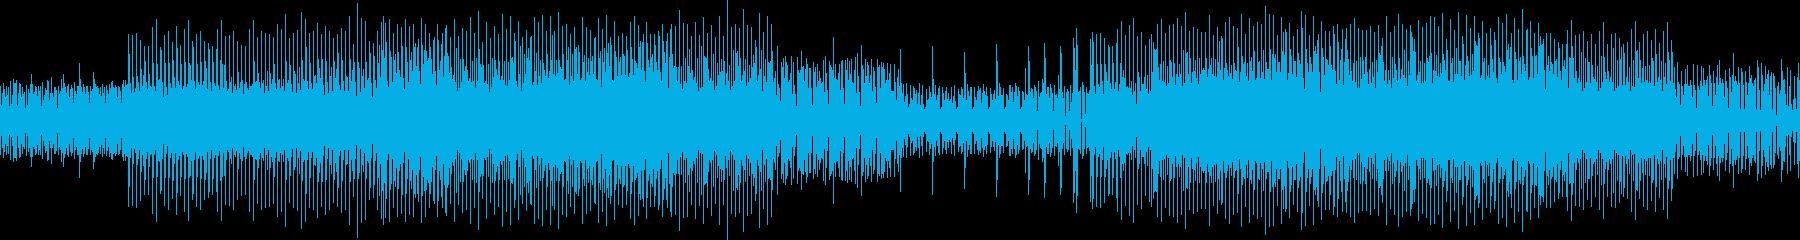 ループ仕様:淡々と仕事をこなすテクノの再生済みの波形